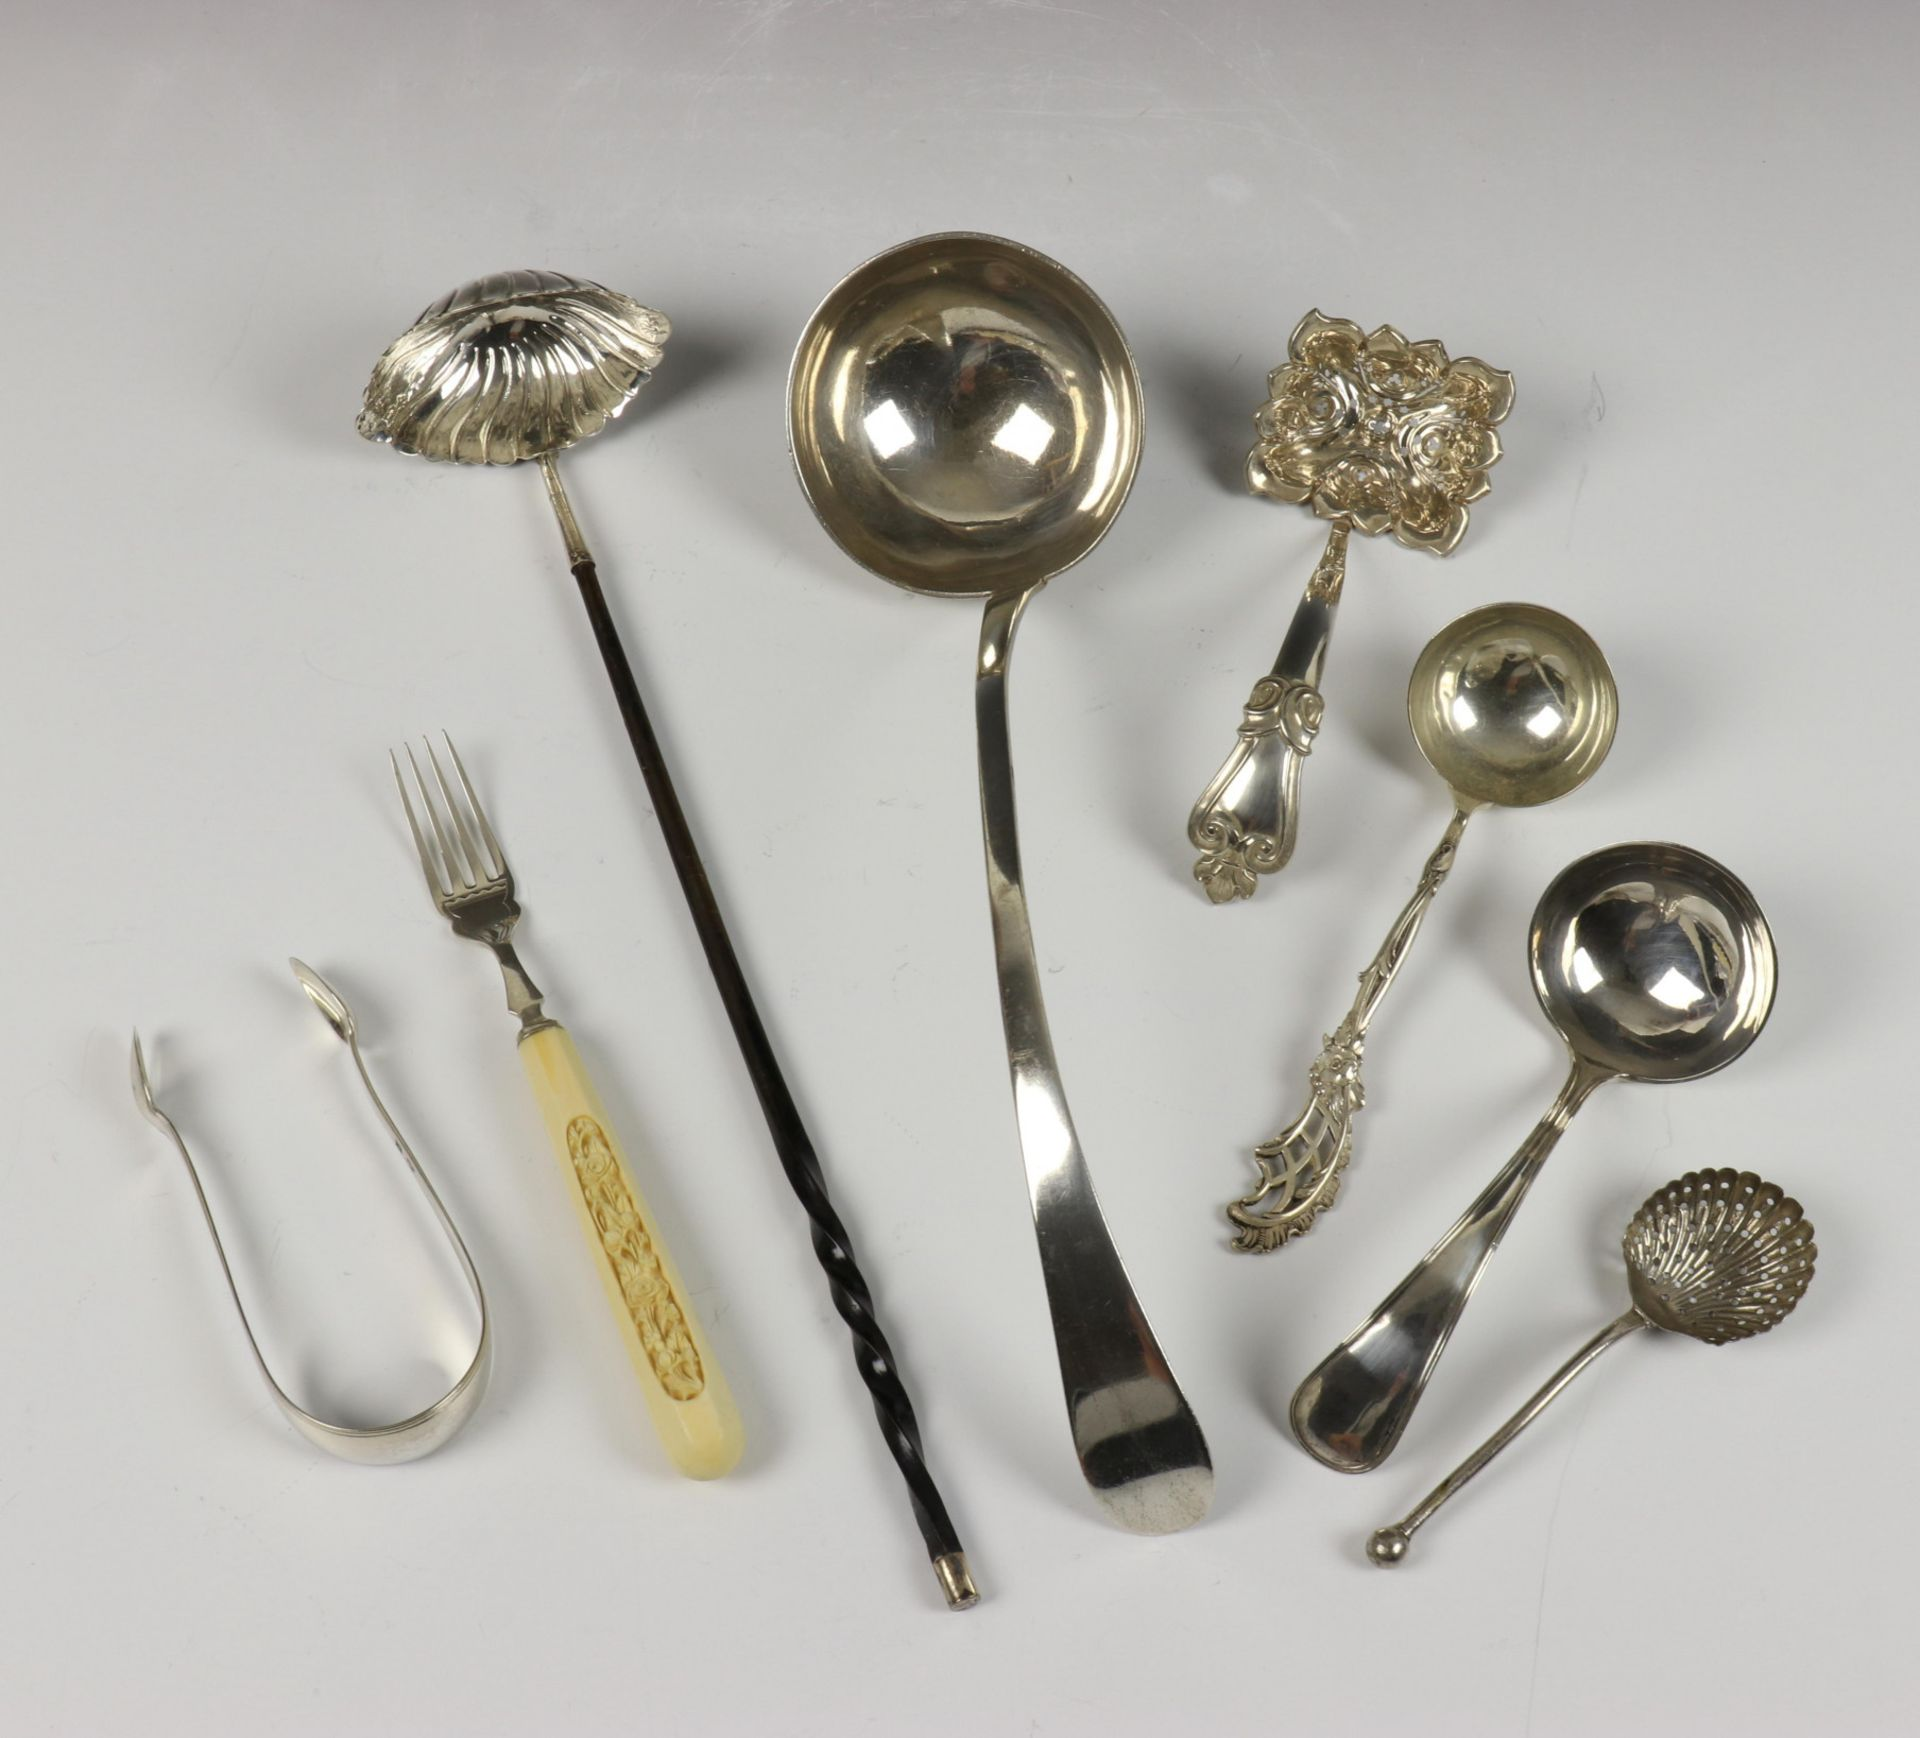 Bowllepel, Amsterdam, soepopdienlepel 1819, suikerstrooier 19e eeuw, en divers klein zilverwerk,